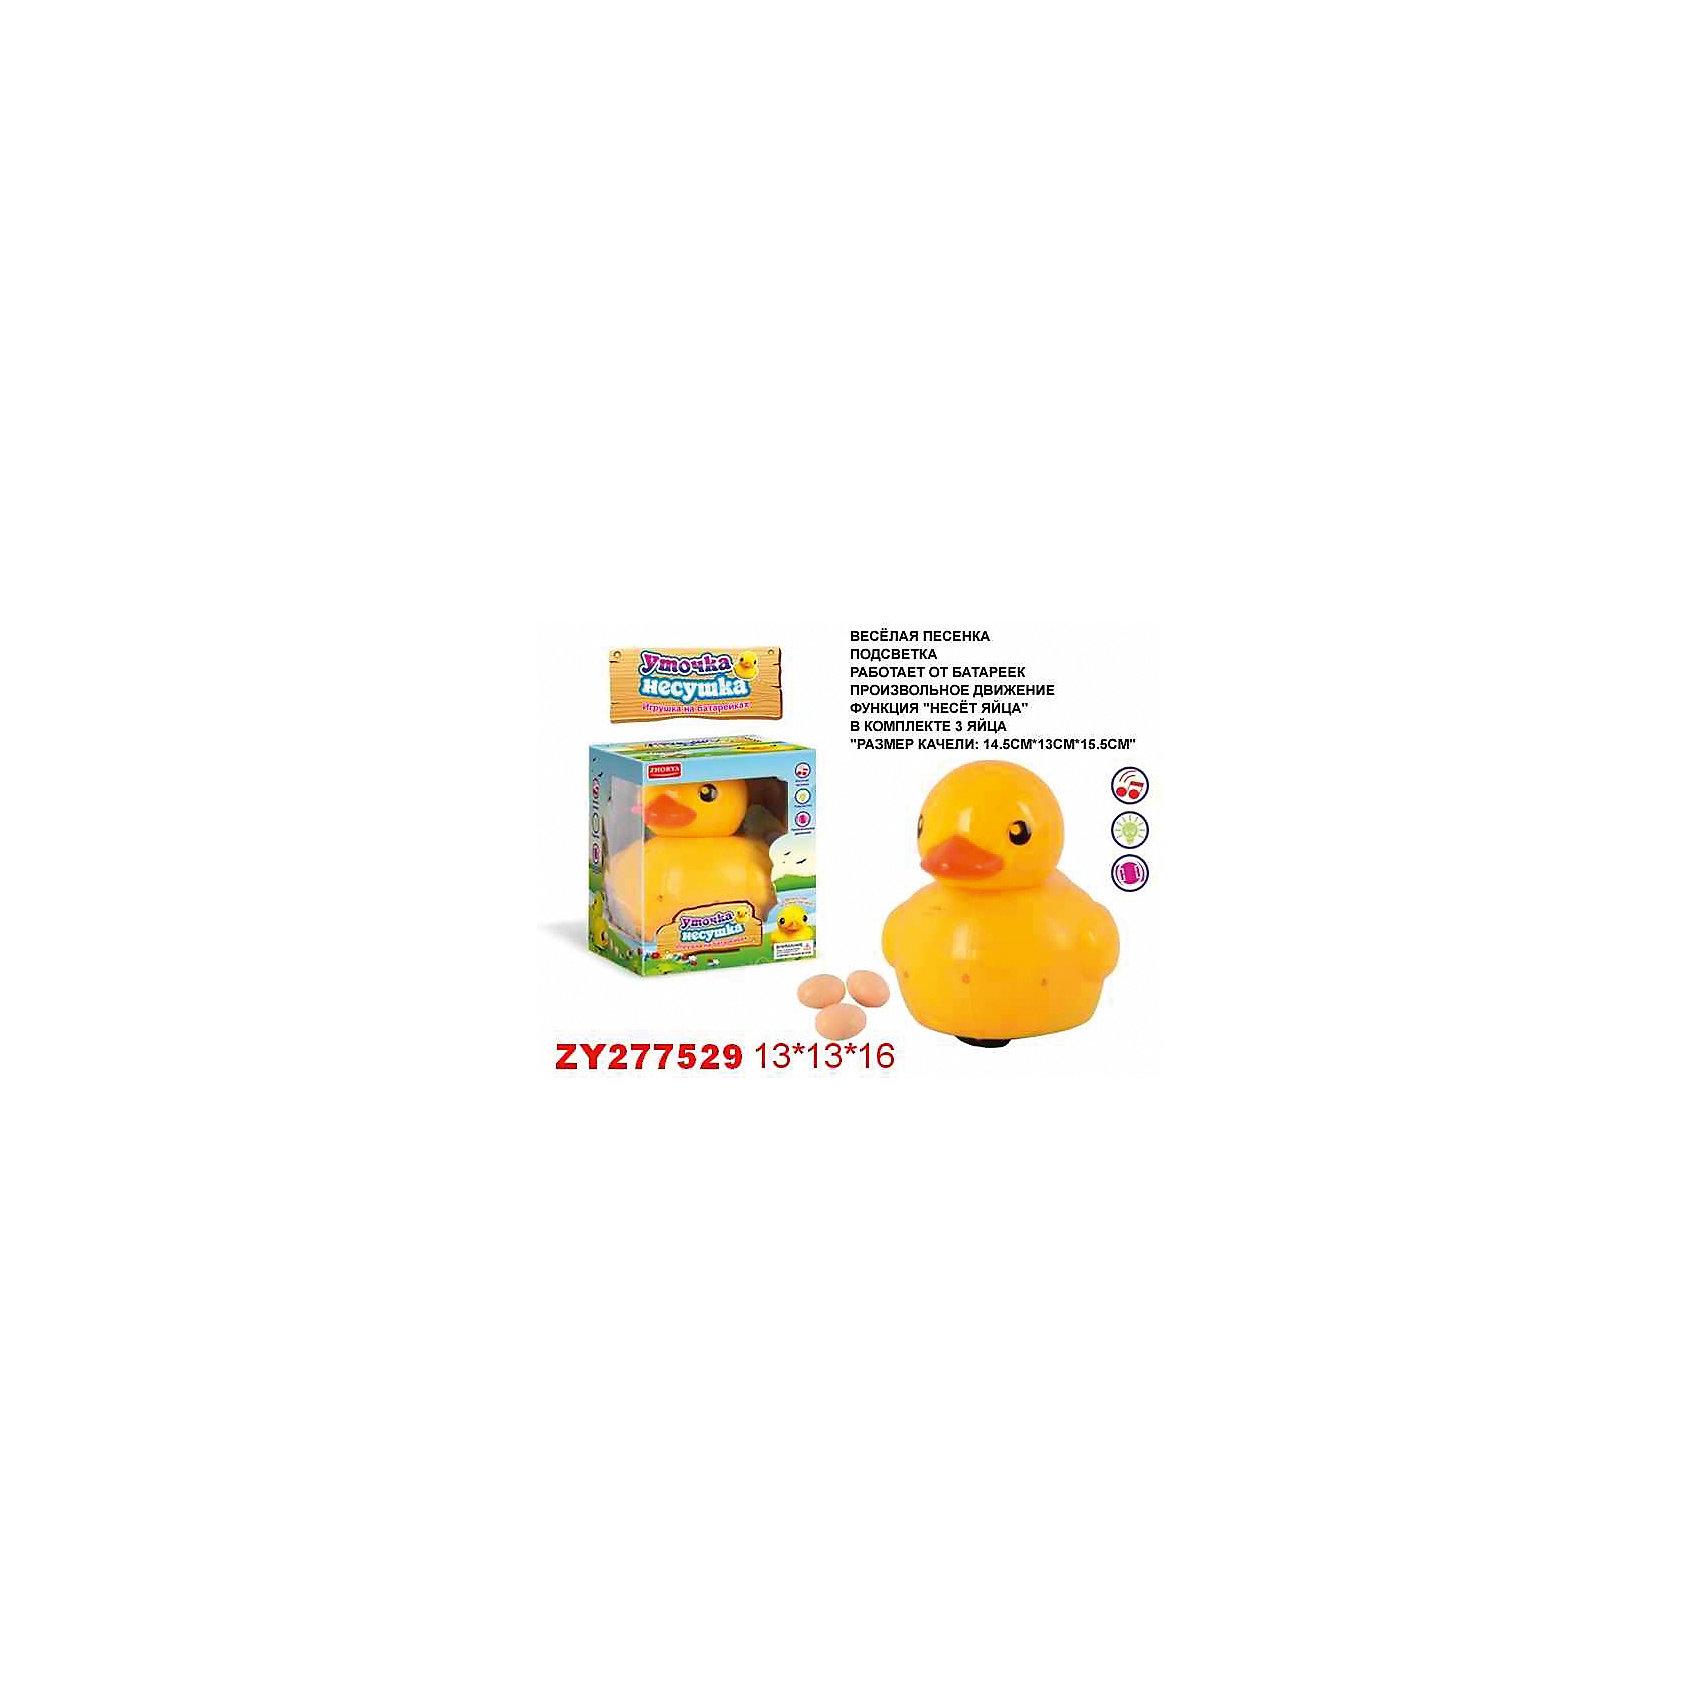 Уточка-несушка, со светом и звуком, ZhoryaУточка-несушка, со светом и звуком, Zhorya<br><br>Характеристики:<br>- Материал: пластик<br>- В комплект входит: уточка, три яйца<br>- Размер упаковки: 13 * 16 * 13 см.<br>- Элементы питания: батарейки (в комплекте отсутствуют)<br>- Вес: 300 гр.<br>Уточка-несушка от китайского бренда игрушек для детей Zhorya (Джоя) станет отличным сюрпризом для маленьких любителей животных. Классическая желтенькая уточка как для ванной теперь предстает перед нами в новом свете. Эта уточка умеет нести яички и ждать появления маленьких утят. Уточка также оснащена звуковыми и световыми эффектами. С уточкой можно придумать множество разных историй, развить воображение, моторику рук и отлично провести время.  <br>Уточку-несушку, со светом и звуком, Zhorya (Джоя) можно купить в нашем интернет-магазине.<br>Подробнее:<br>• Для детей в возрасте: от 3 до 6 лет <br>• Номер товара: 4767383<br>Страна производитель: Китай<br><br>Ширина мм: 130<br>Глубина мм: 160<br>Высота мм: 130<br>Вес г: 304<br>Возраст от месяцев: 36<br>Возраст до месяцев: 72<br>Пол: Унисекс<br>Возраст: Детский<br>SKU: 4767383